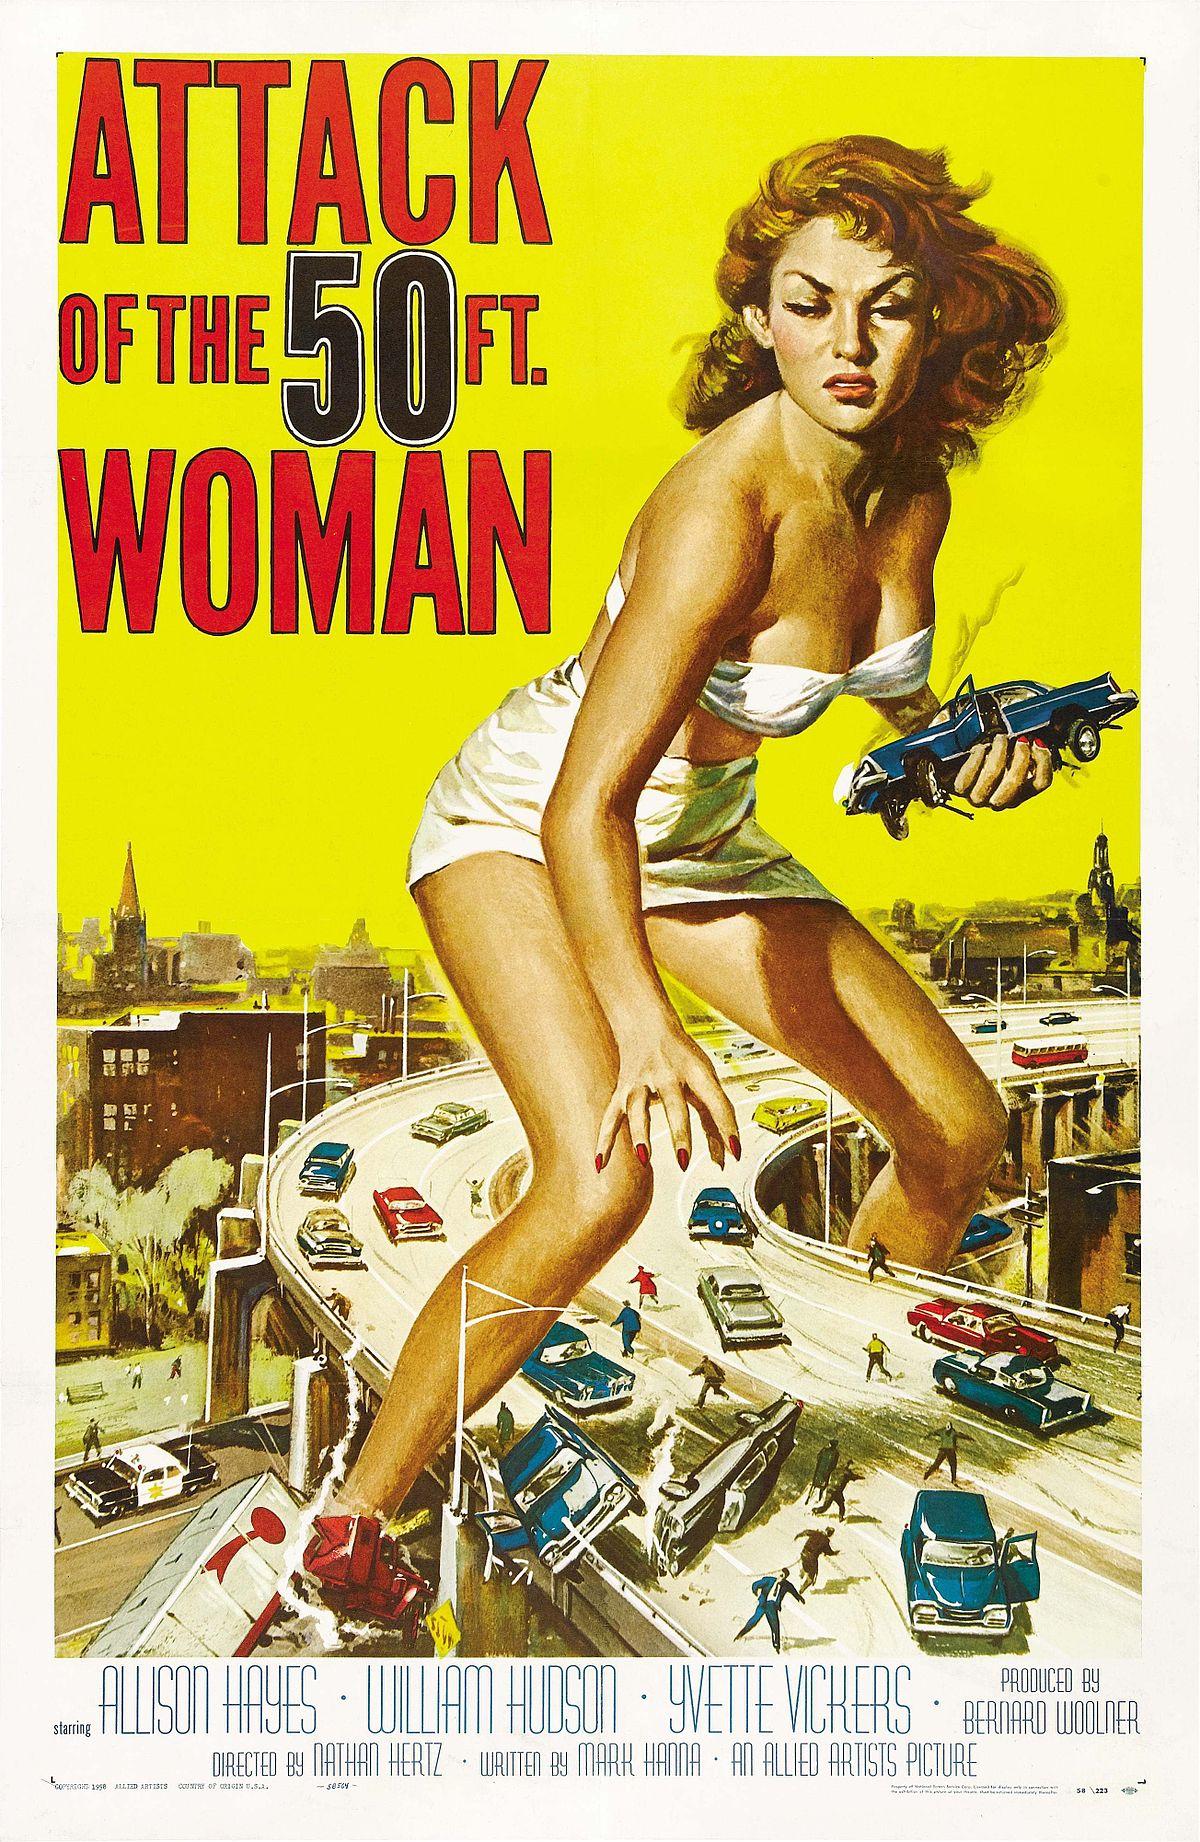 Original poster for the film.